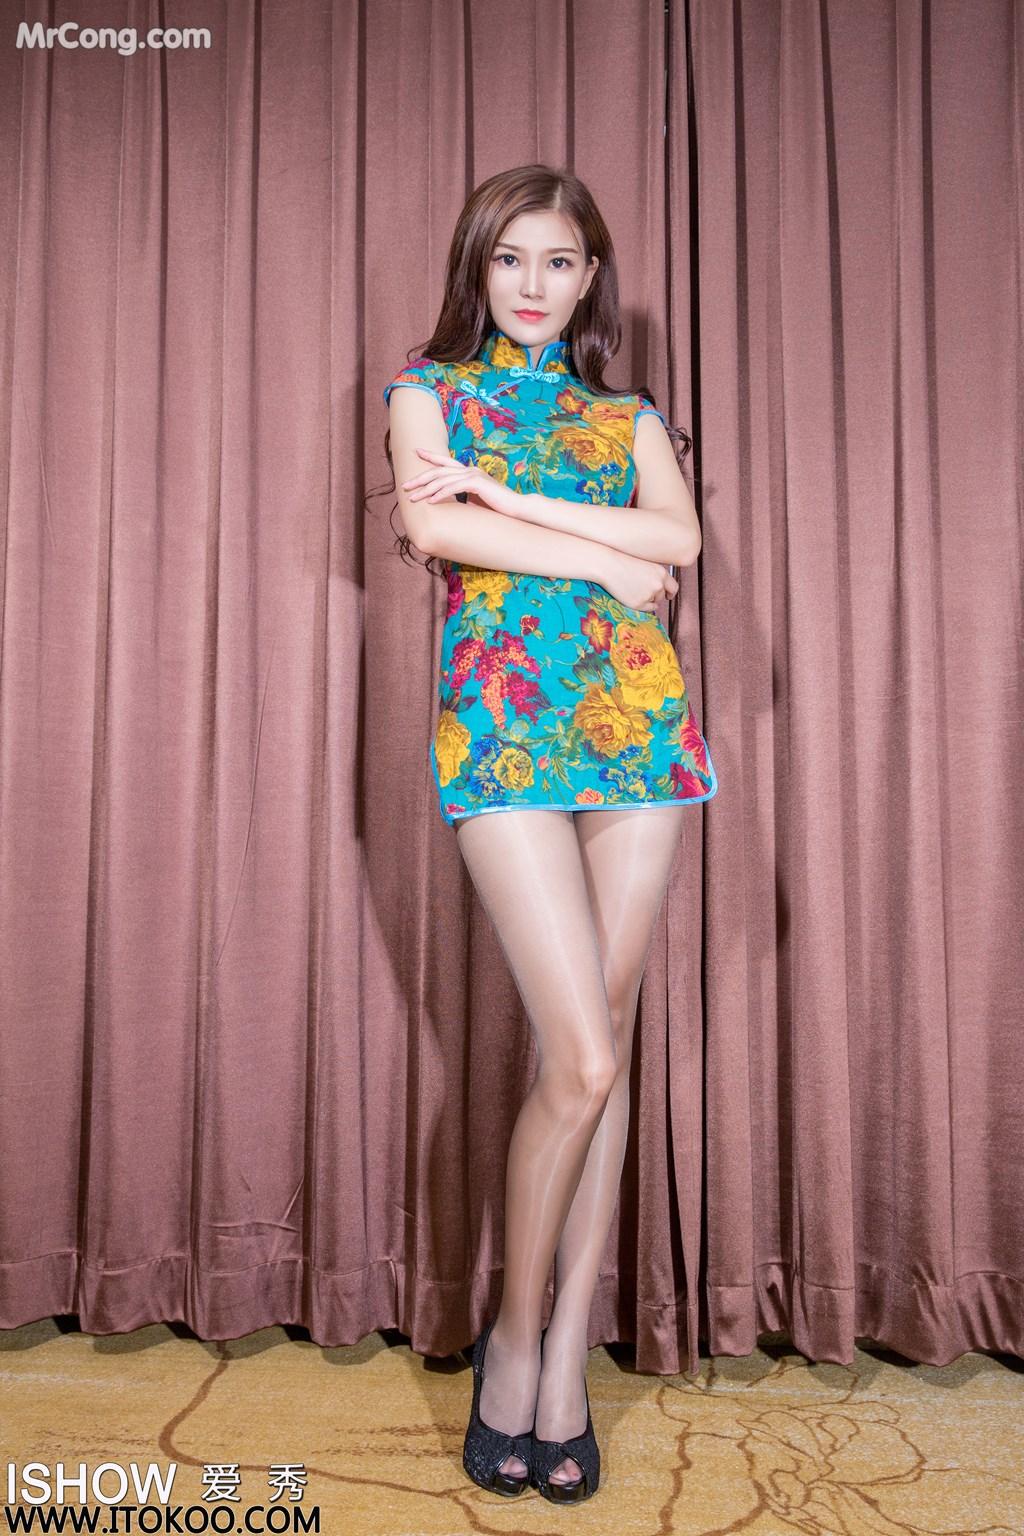 Image ISHOW-No.157-Yu-Fei-Fei-Faye-MrCong.com-003 in post ISHOW No.157: Người mẫu Yu Fei Fei (余菲菲Faye) (31 ảnh)